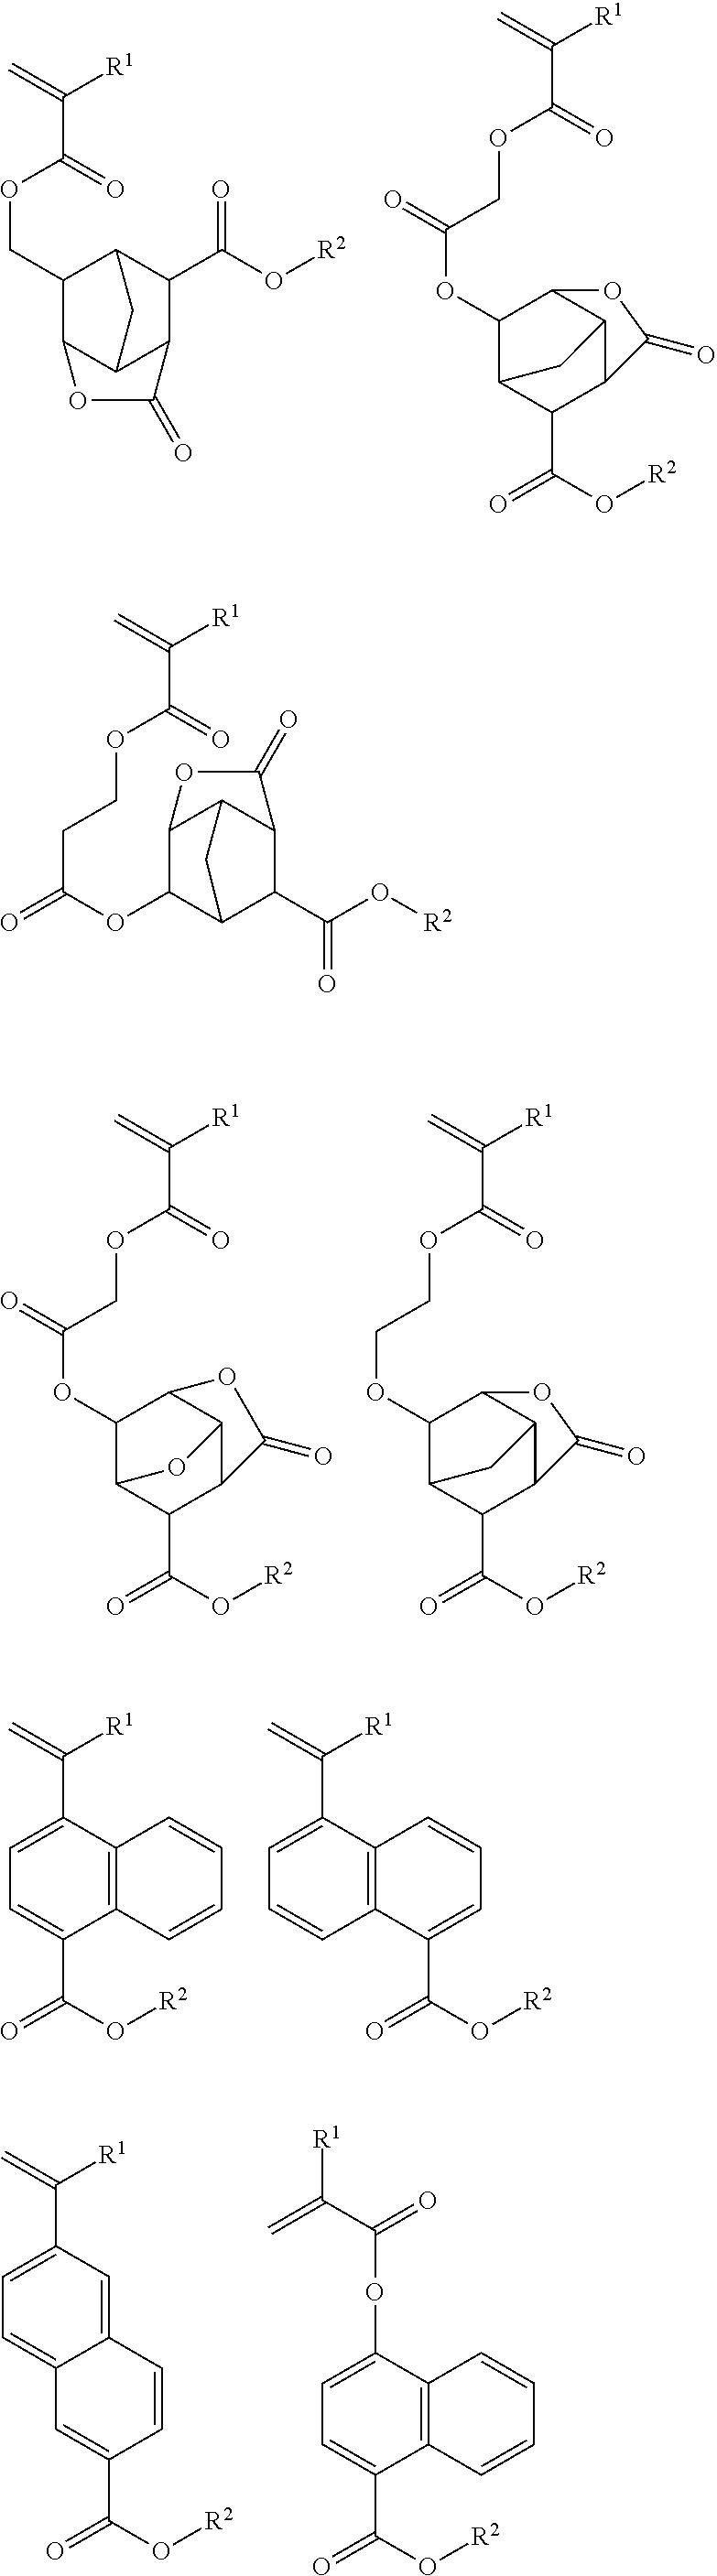 Figure US08652756-20140218-C00007